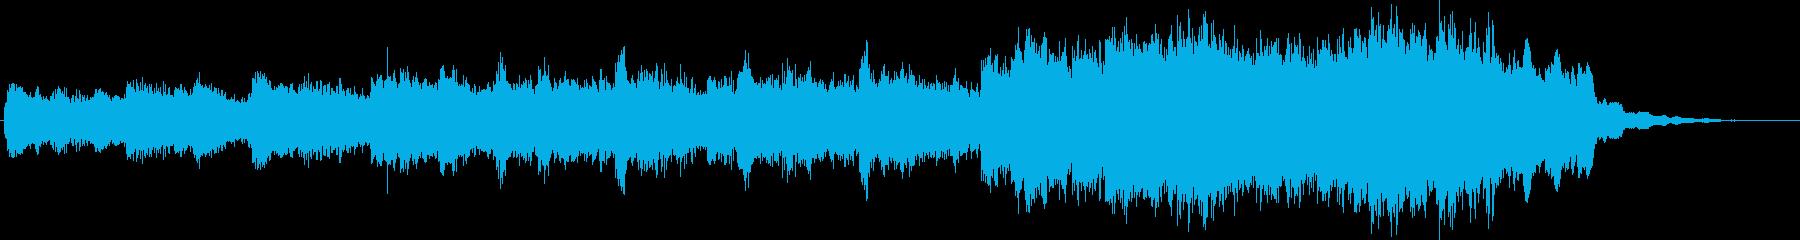 シネマティック サスペンス 感情的...の再生済みの波形